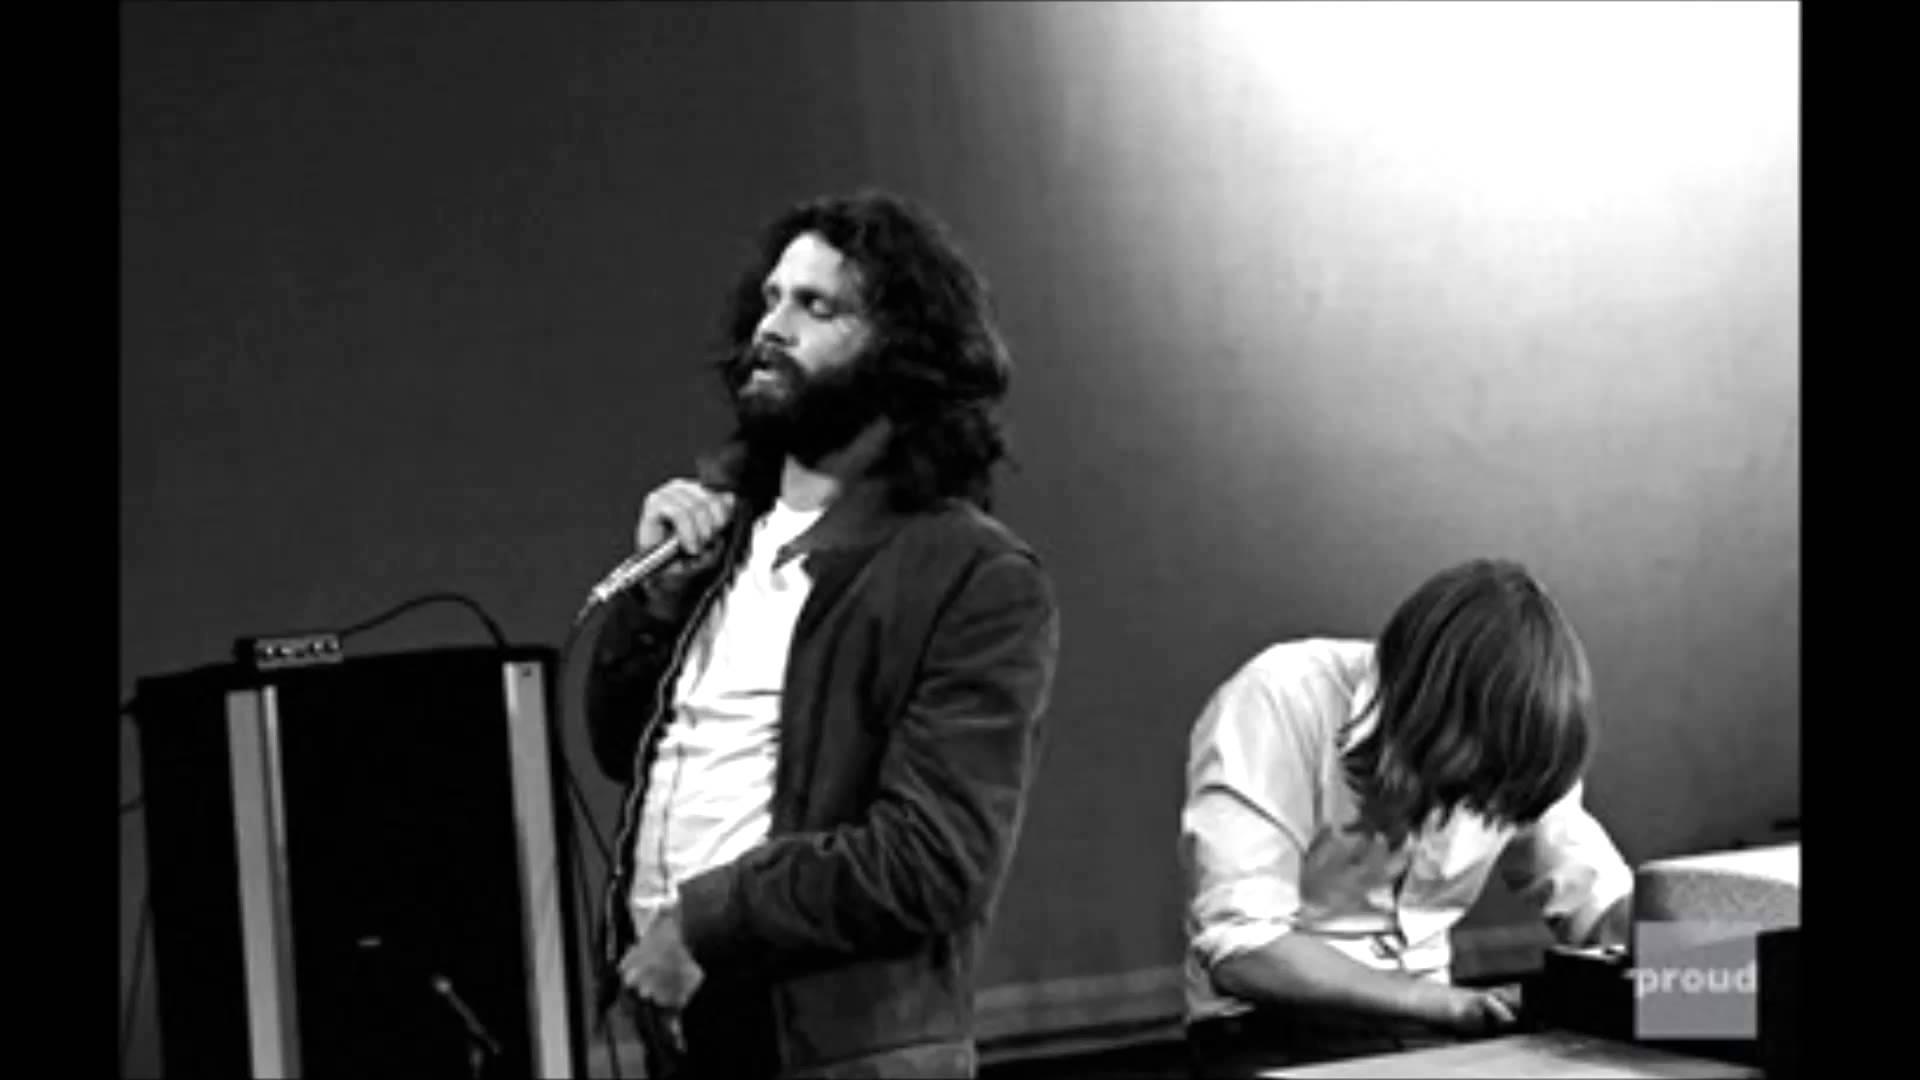 12 de diciembre de 1970: El último concierto de Jim Morrison con The Doors